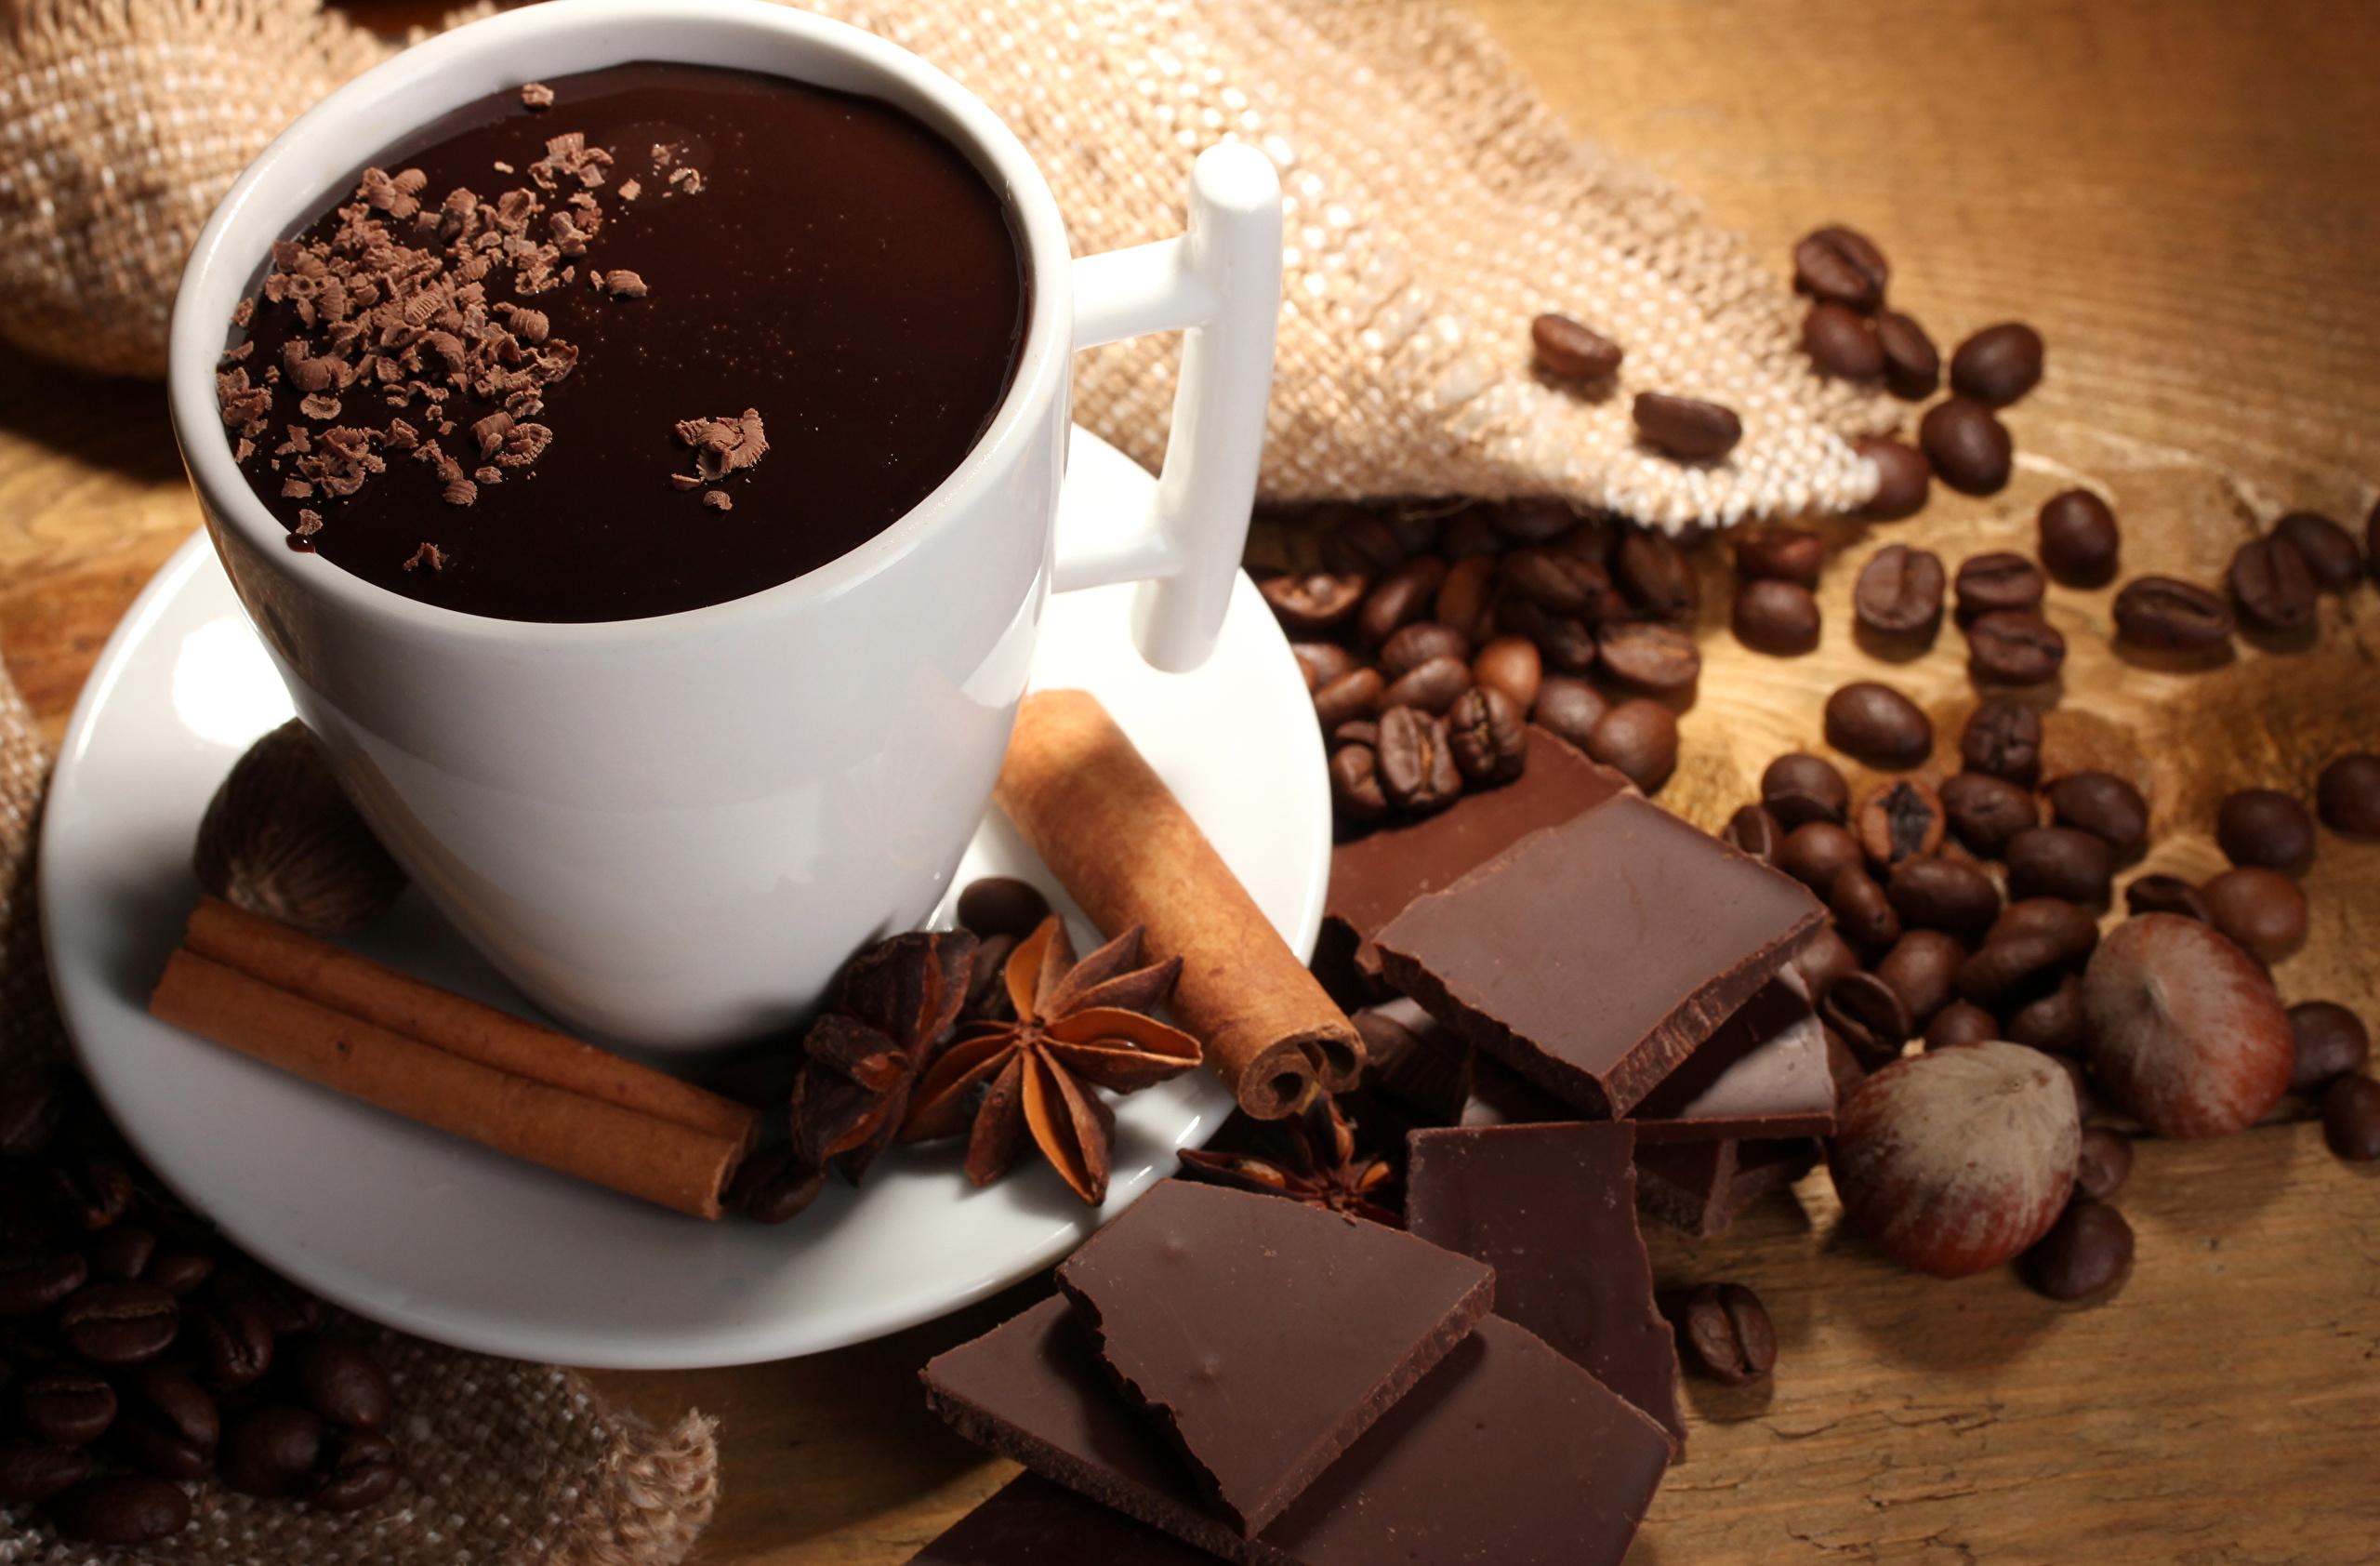 качестве шоколад и кофе фотографии положил